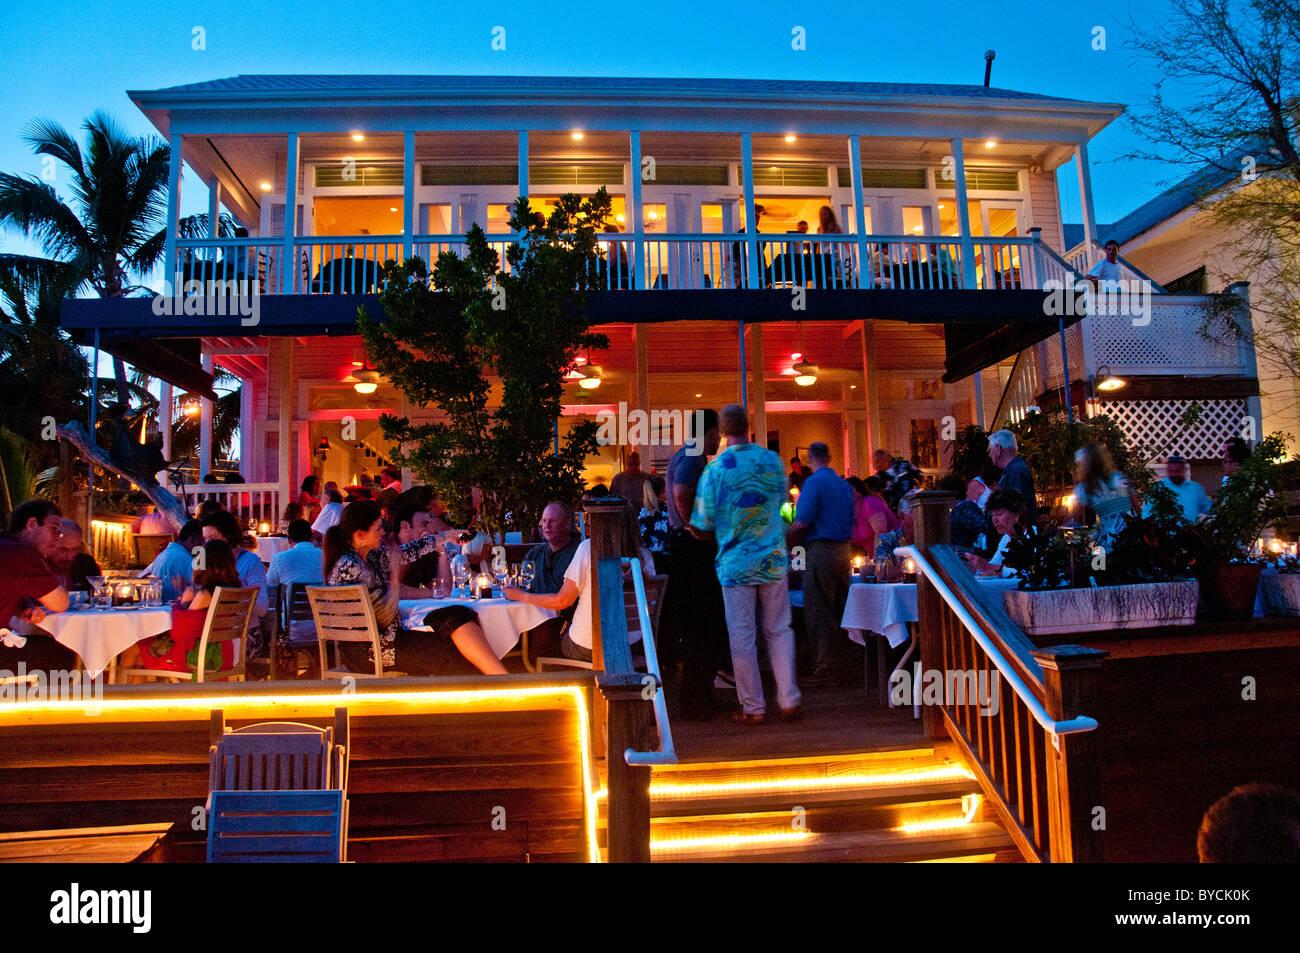 Outdoor photo of Louie's Backyard restaurant in Key West Florida at dusk - Outdoor Photo Of Louie's Backyard Restaurant In Key West Florida At